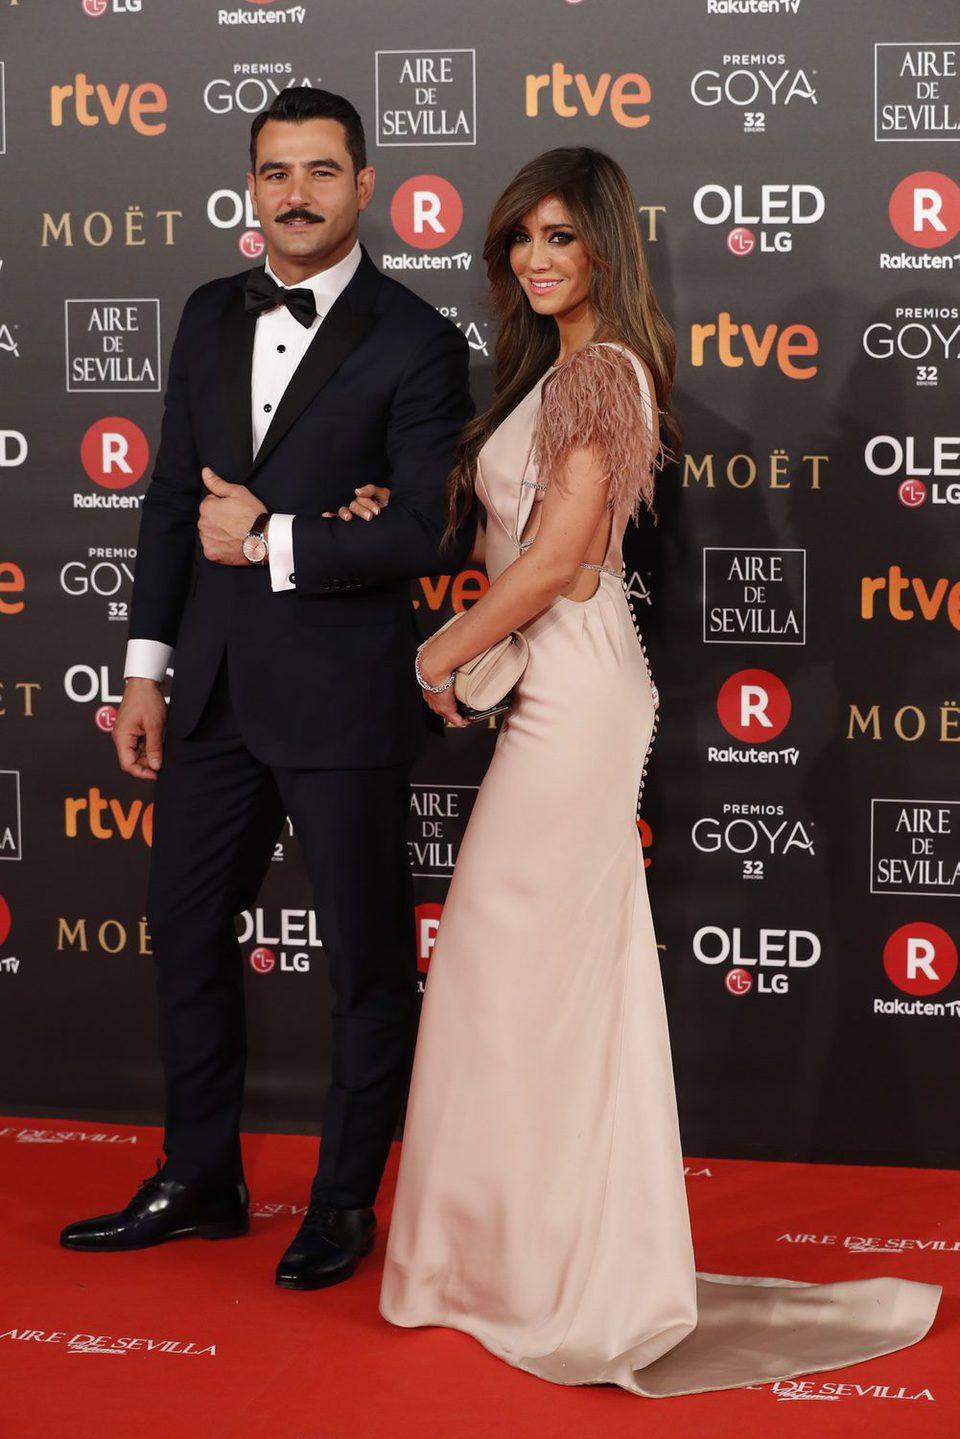 Antonio Velázquez y Marta González durante la alfombra roja de los premios Goya 2018